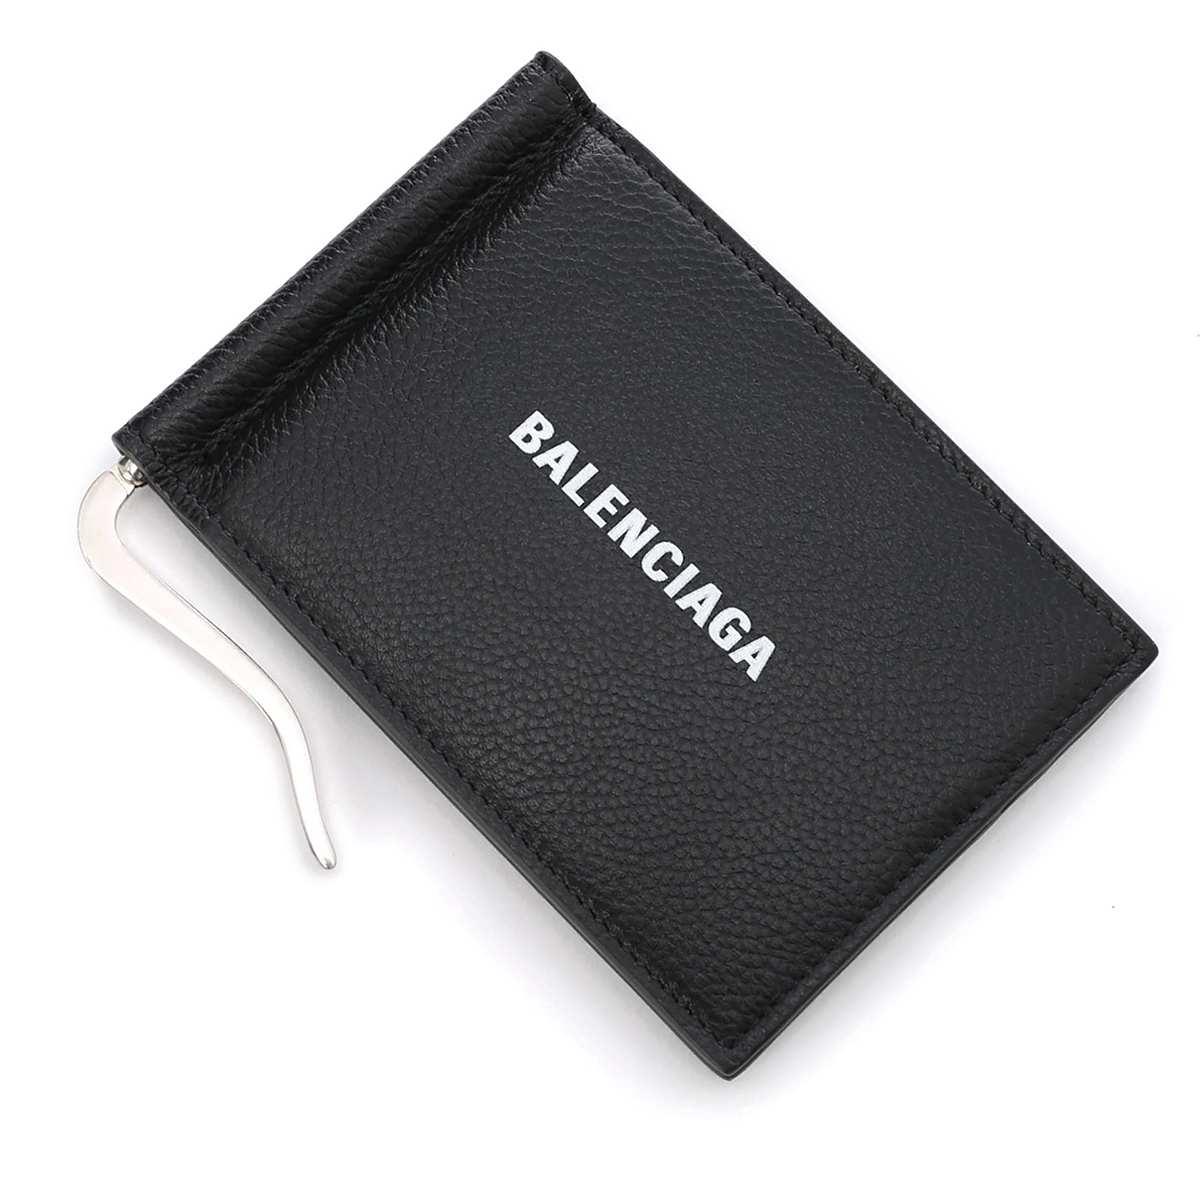 バレンシアガ BALENCIAGA マネークリップ ブラック メンズ 594308 1iz43 1090 CASH BILL CLIP SQUARE WALLET【_関東】【返品送料無料】【ラッピング無料】